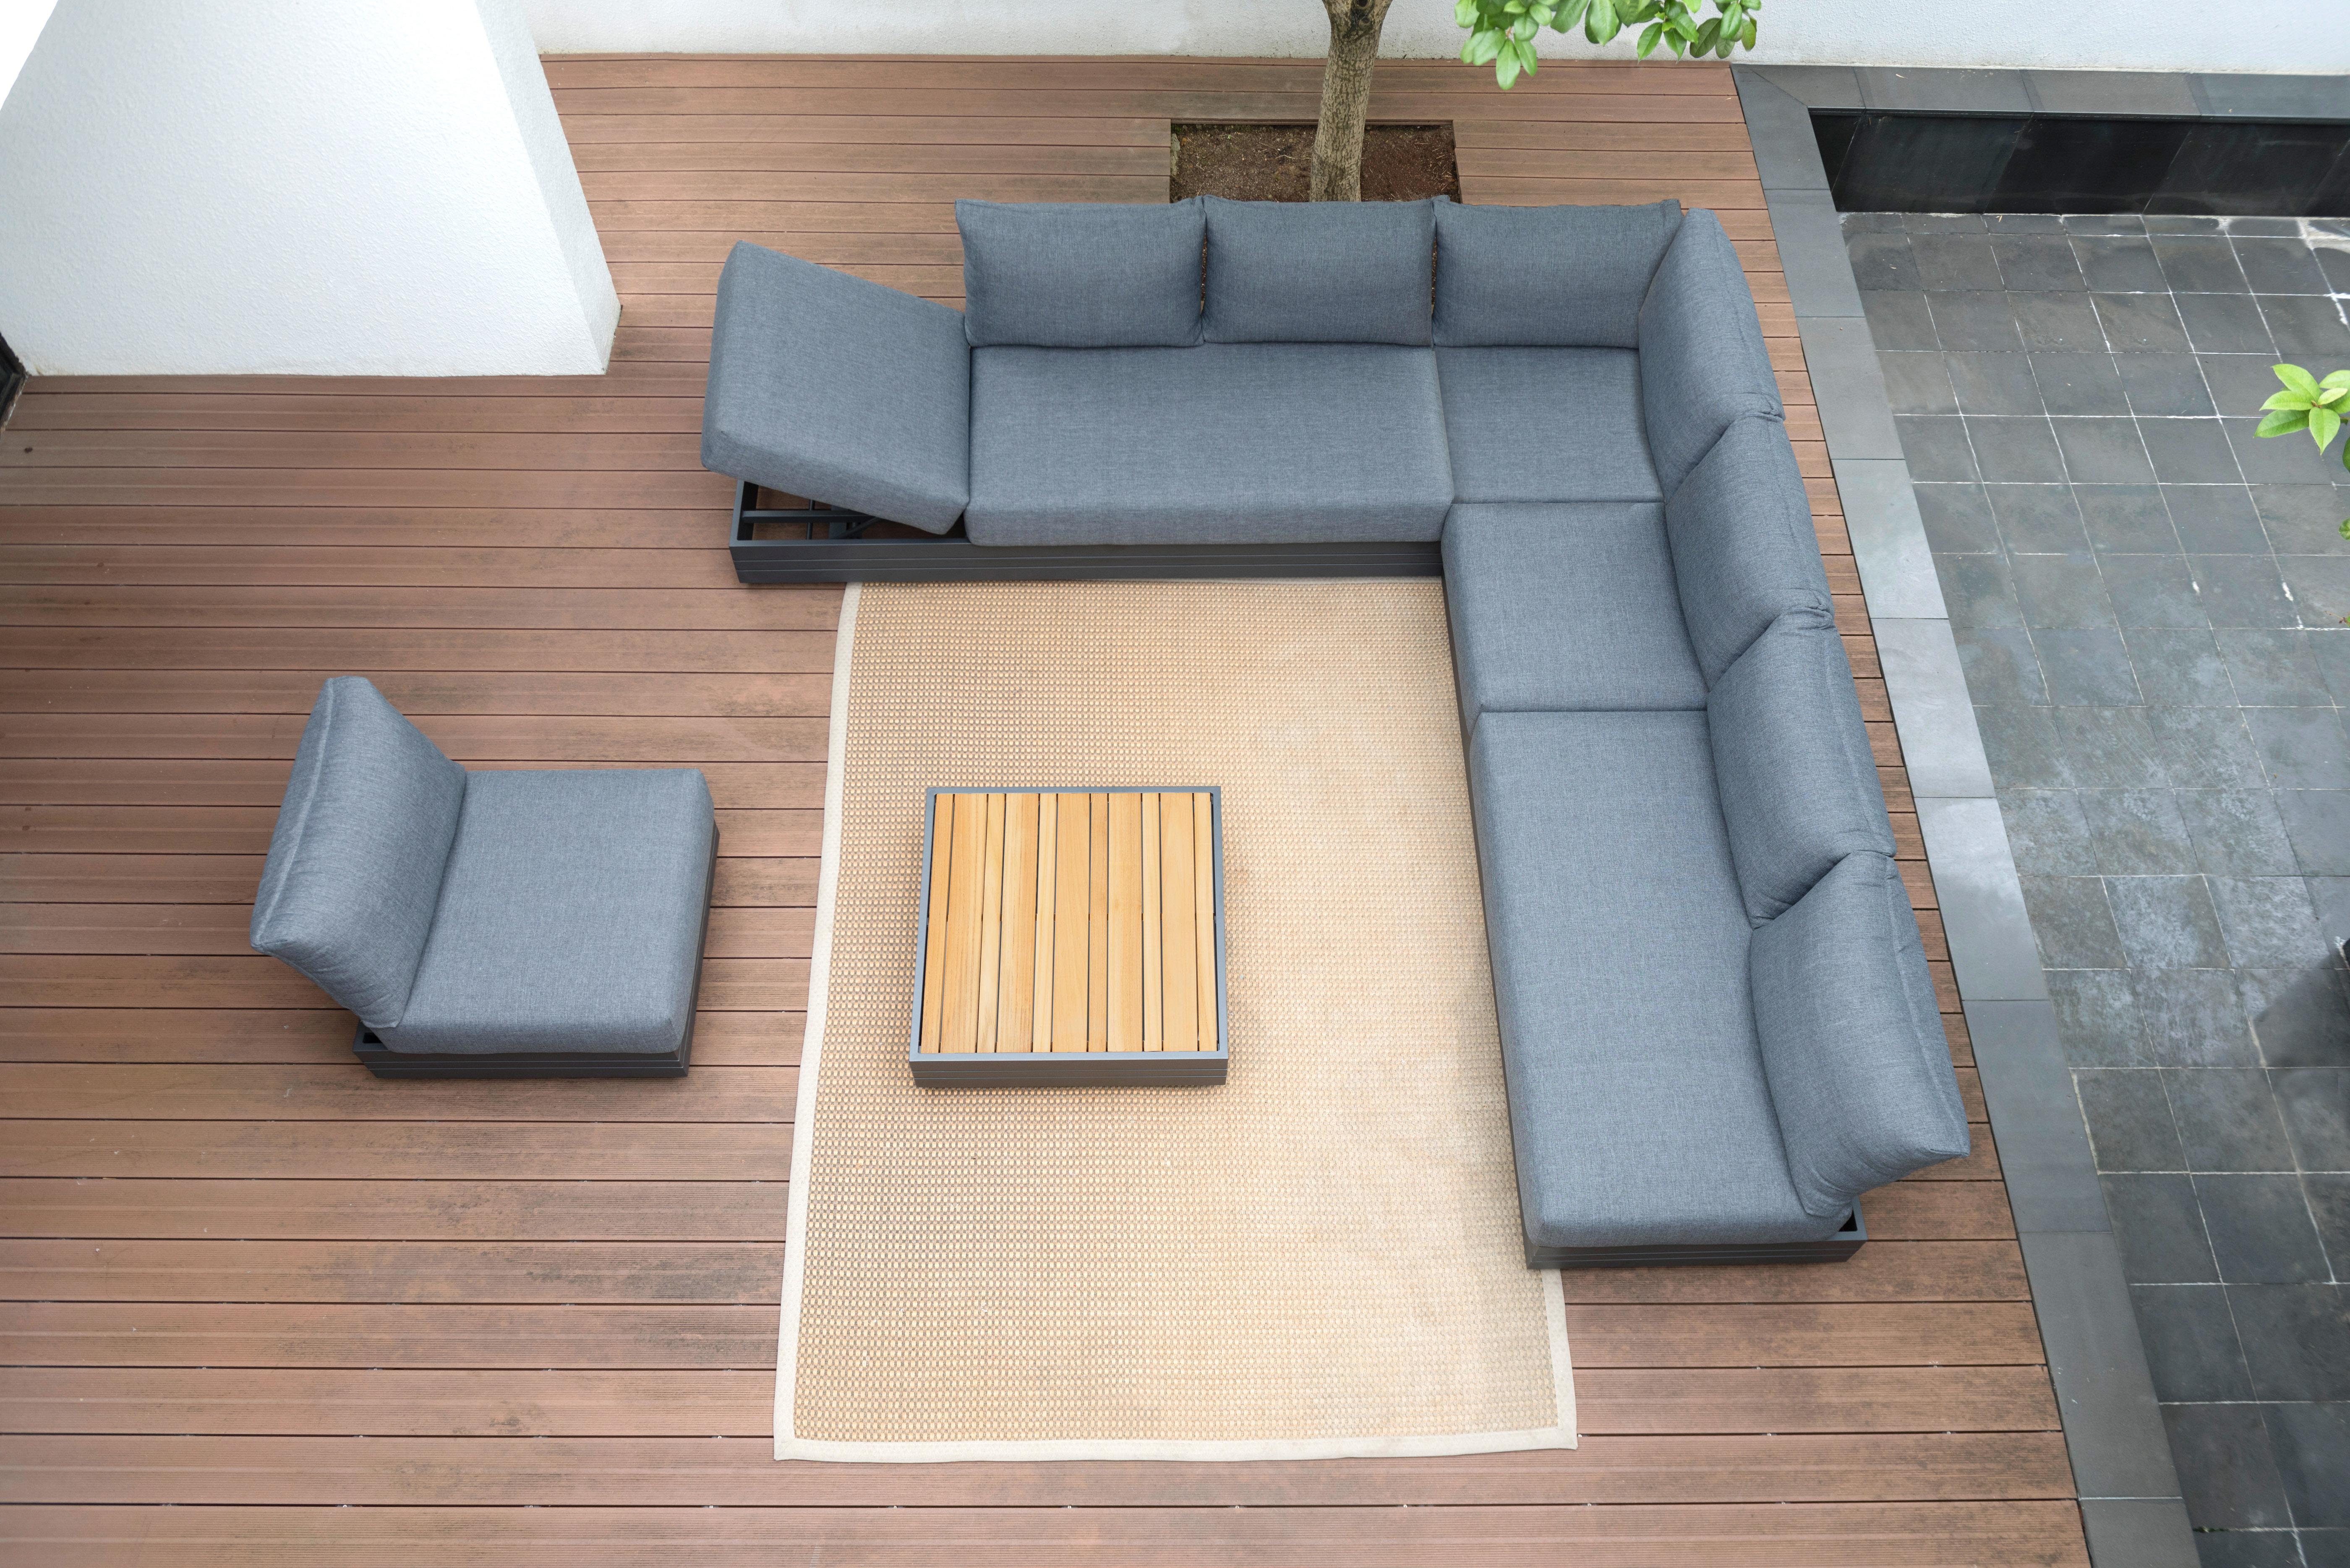 Zebra Gartenmöbel-Set Cubo Lounge